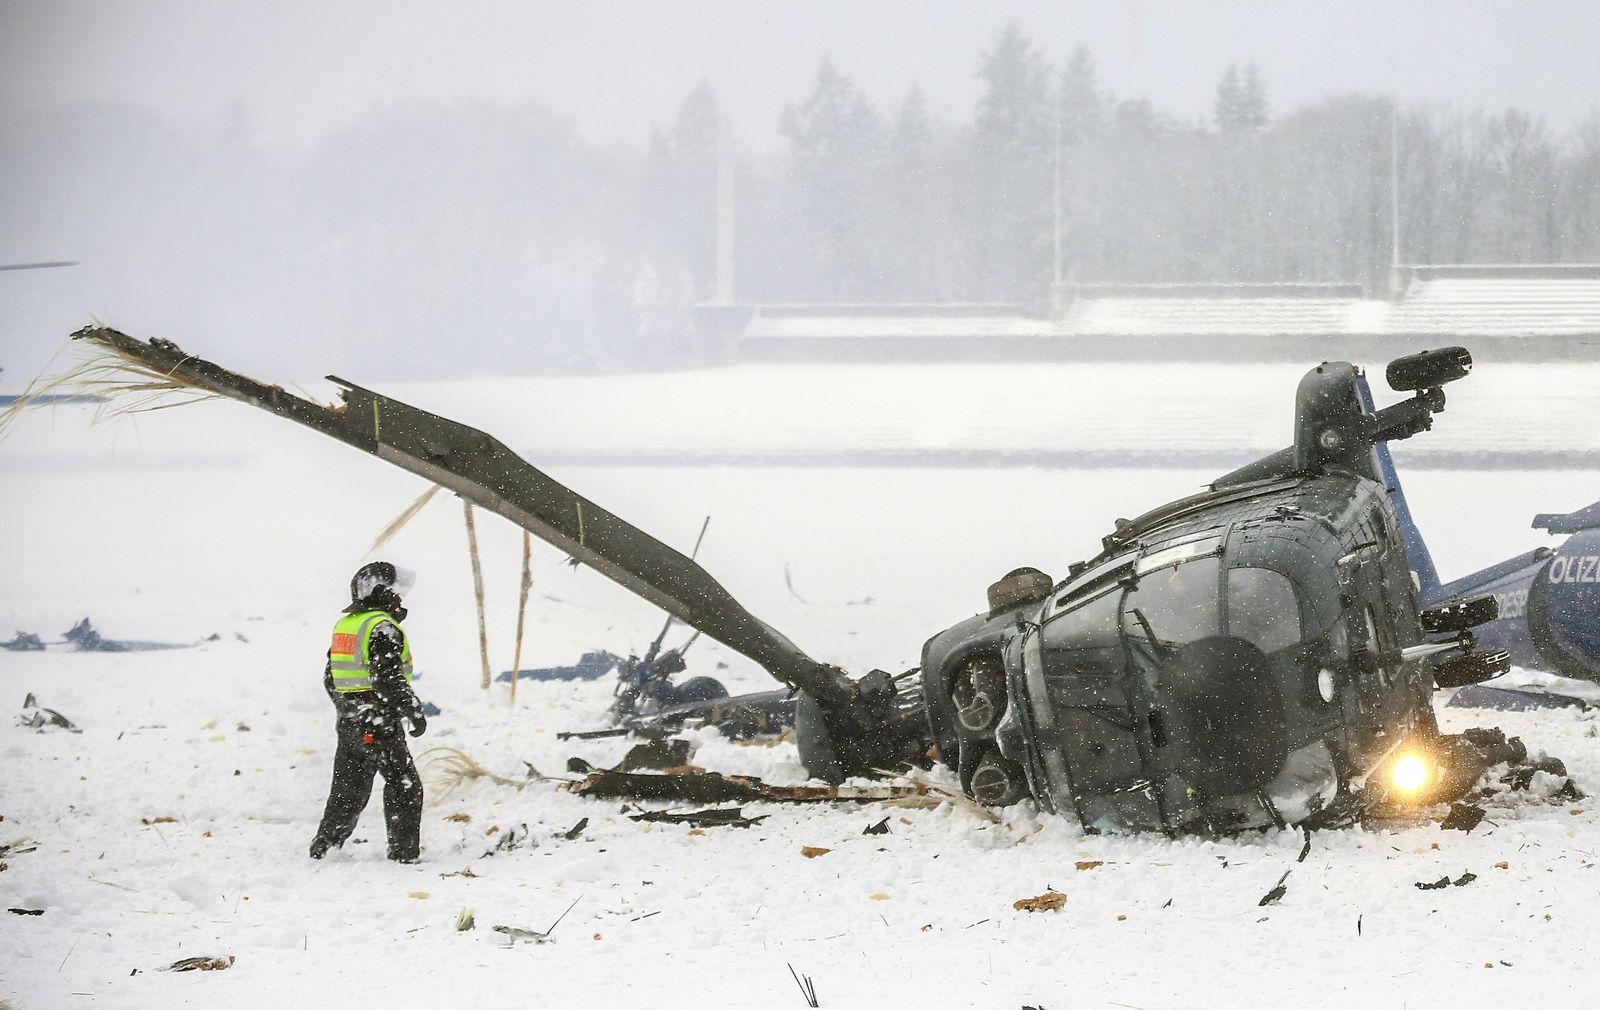 Hubschrauberunfall / Berlin